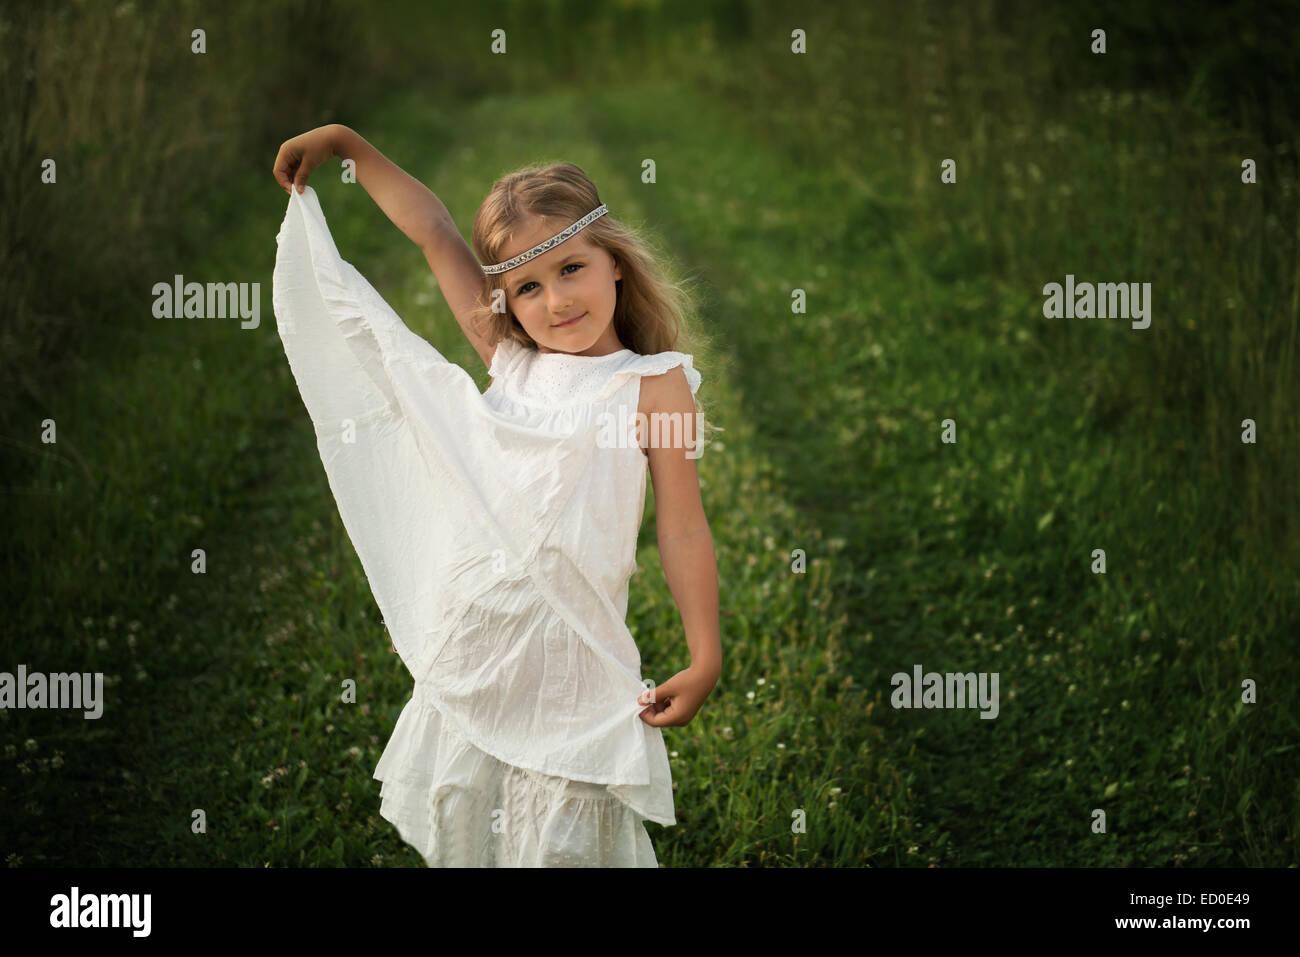 Junges Mädchen (4-5) posiert in langen weißen Kleid Stockbild